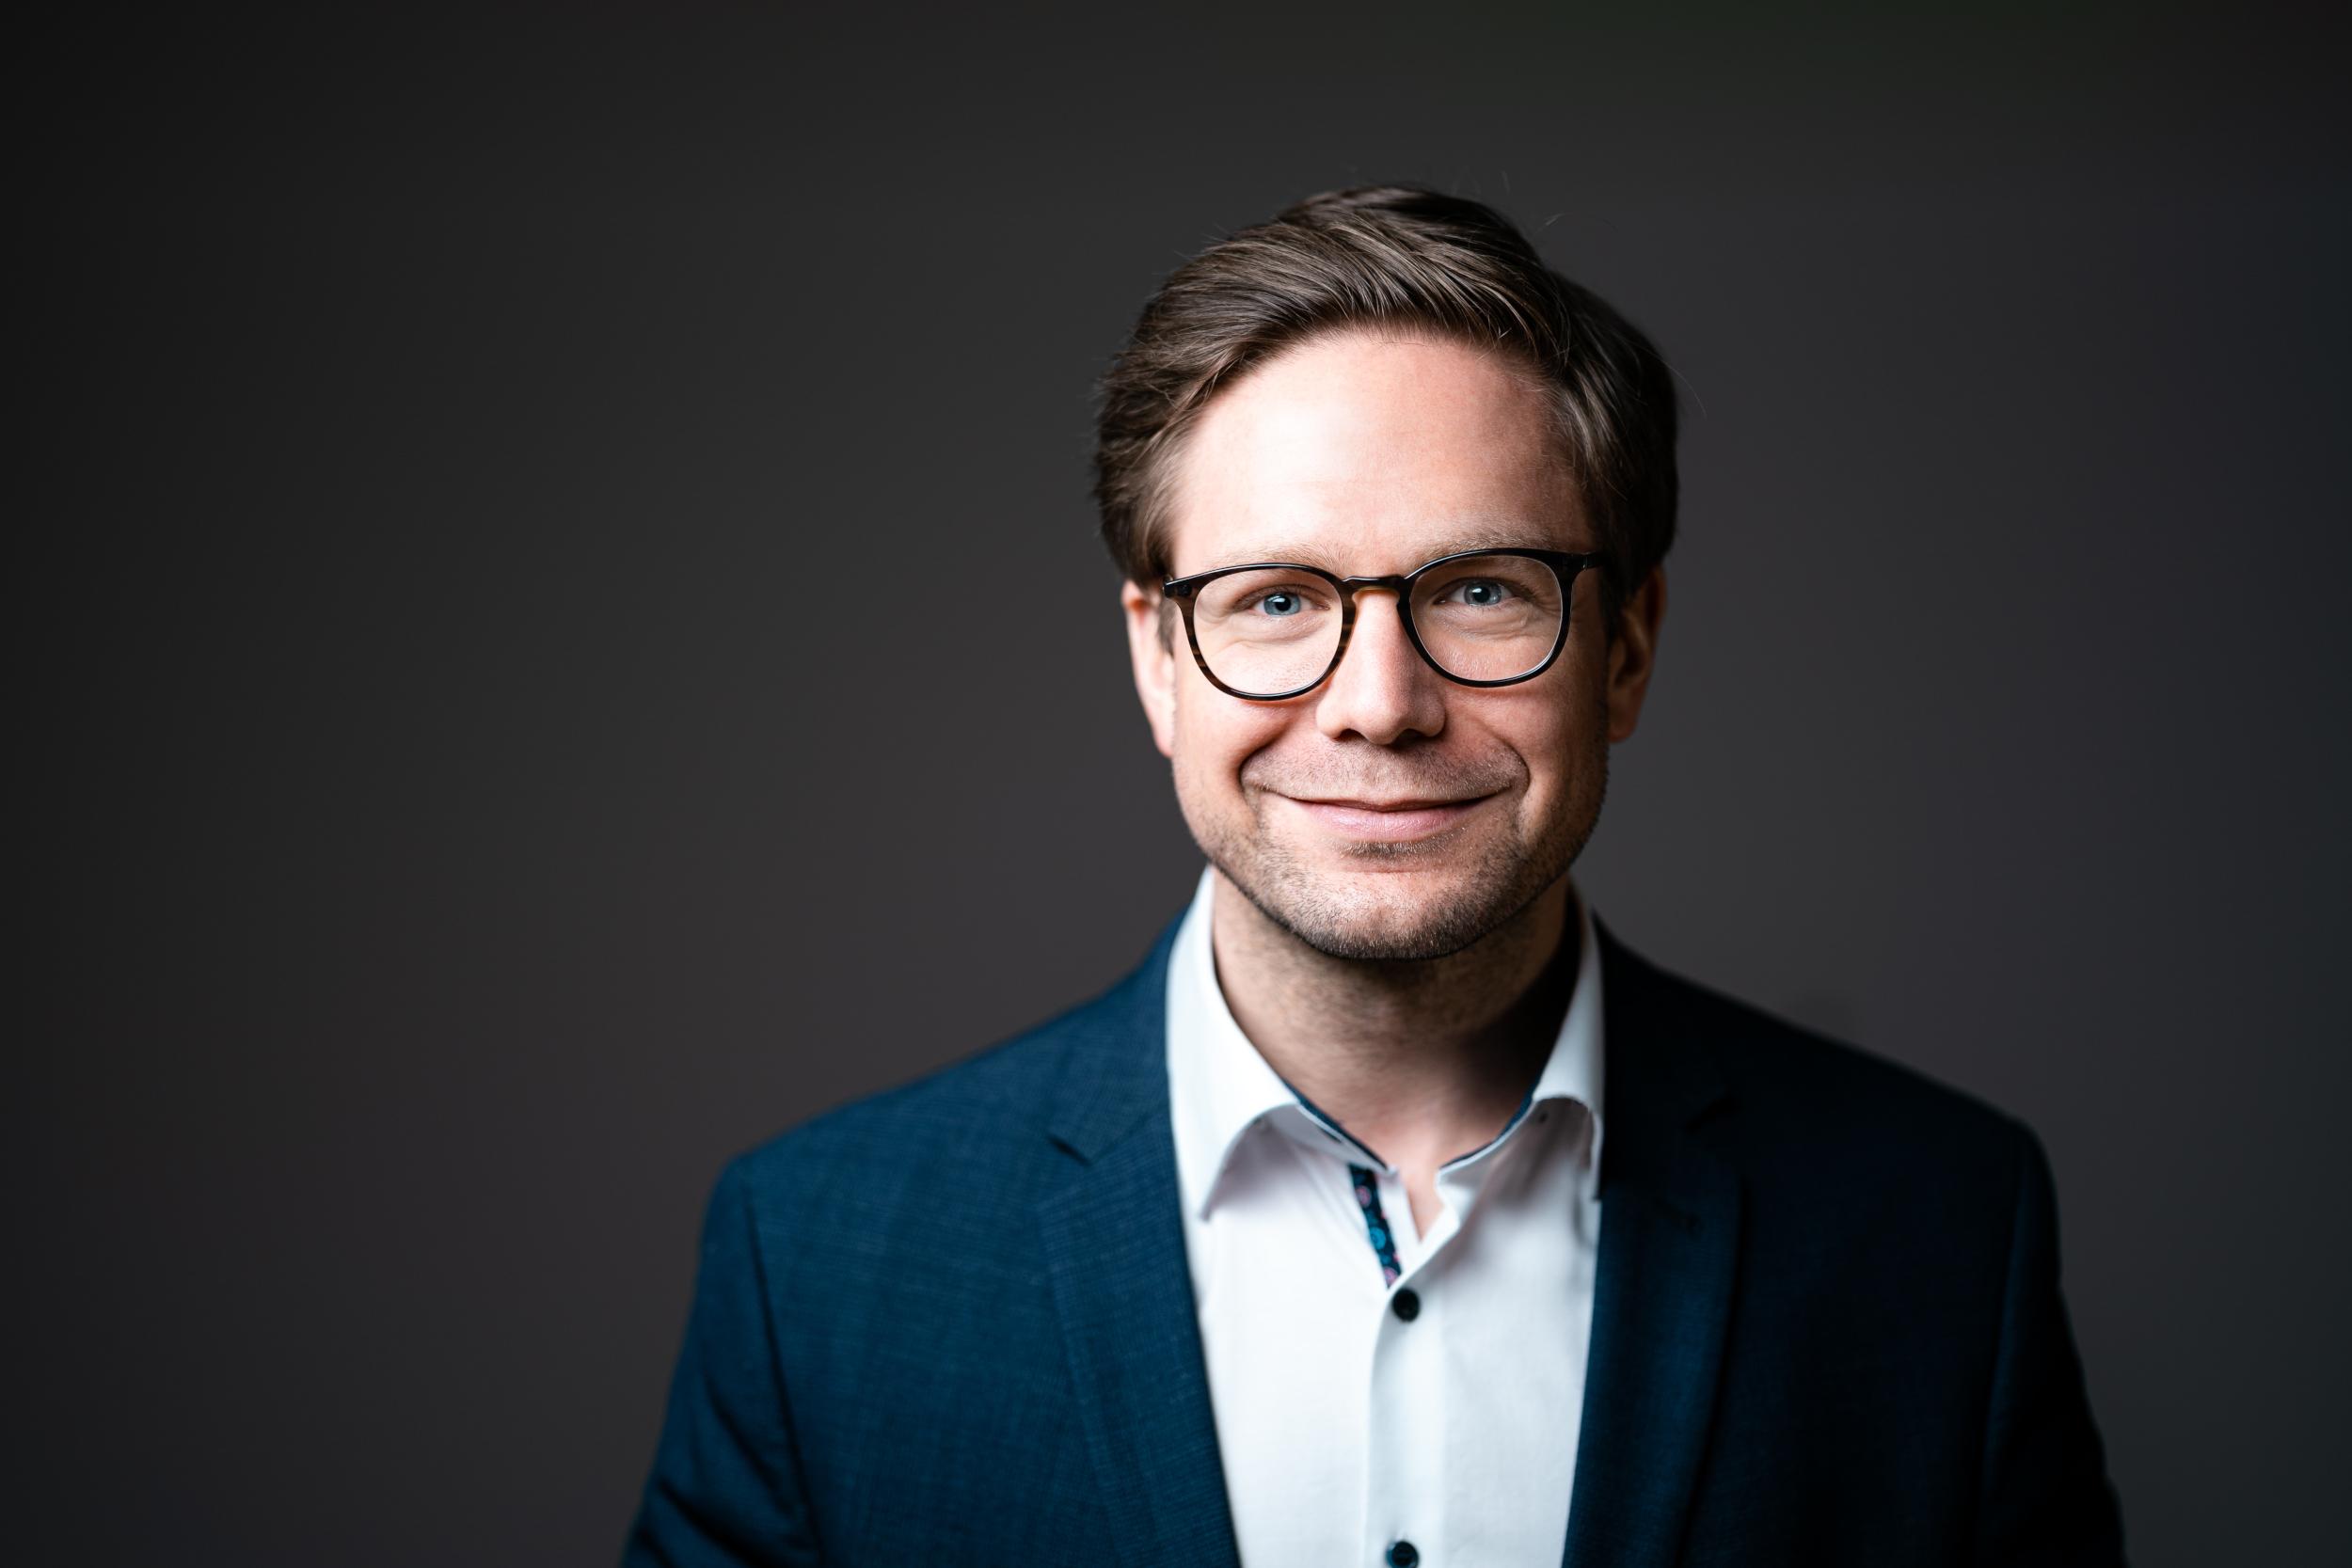 Fabian Gramling - Ihr Bundestagskandidat!